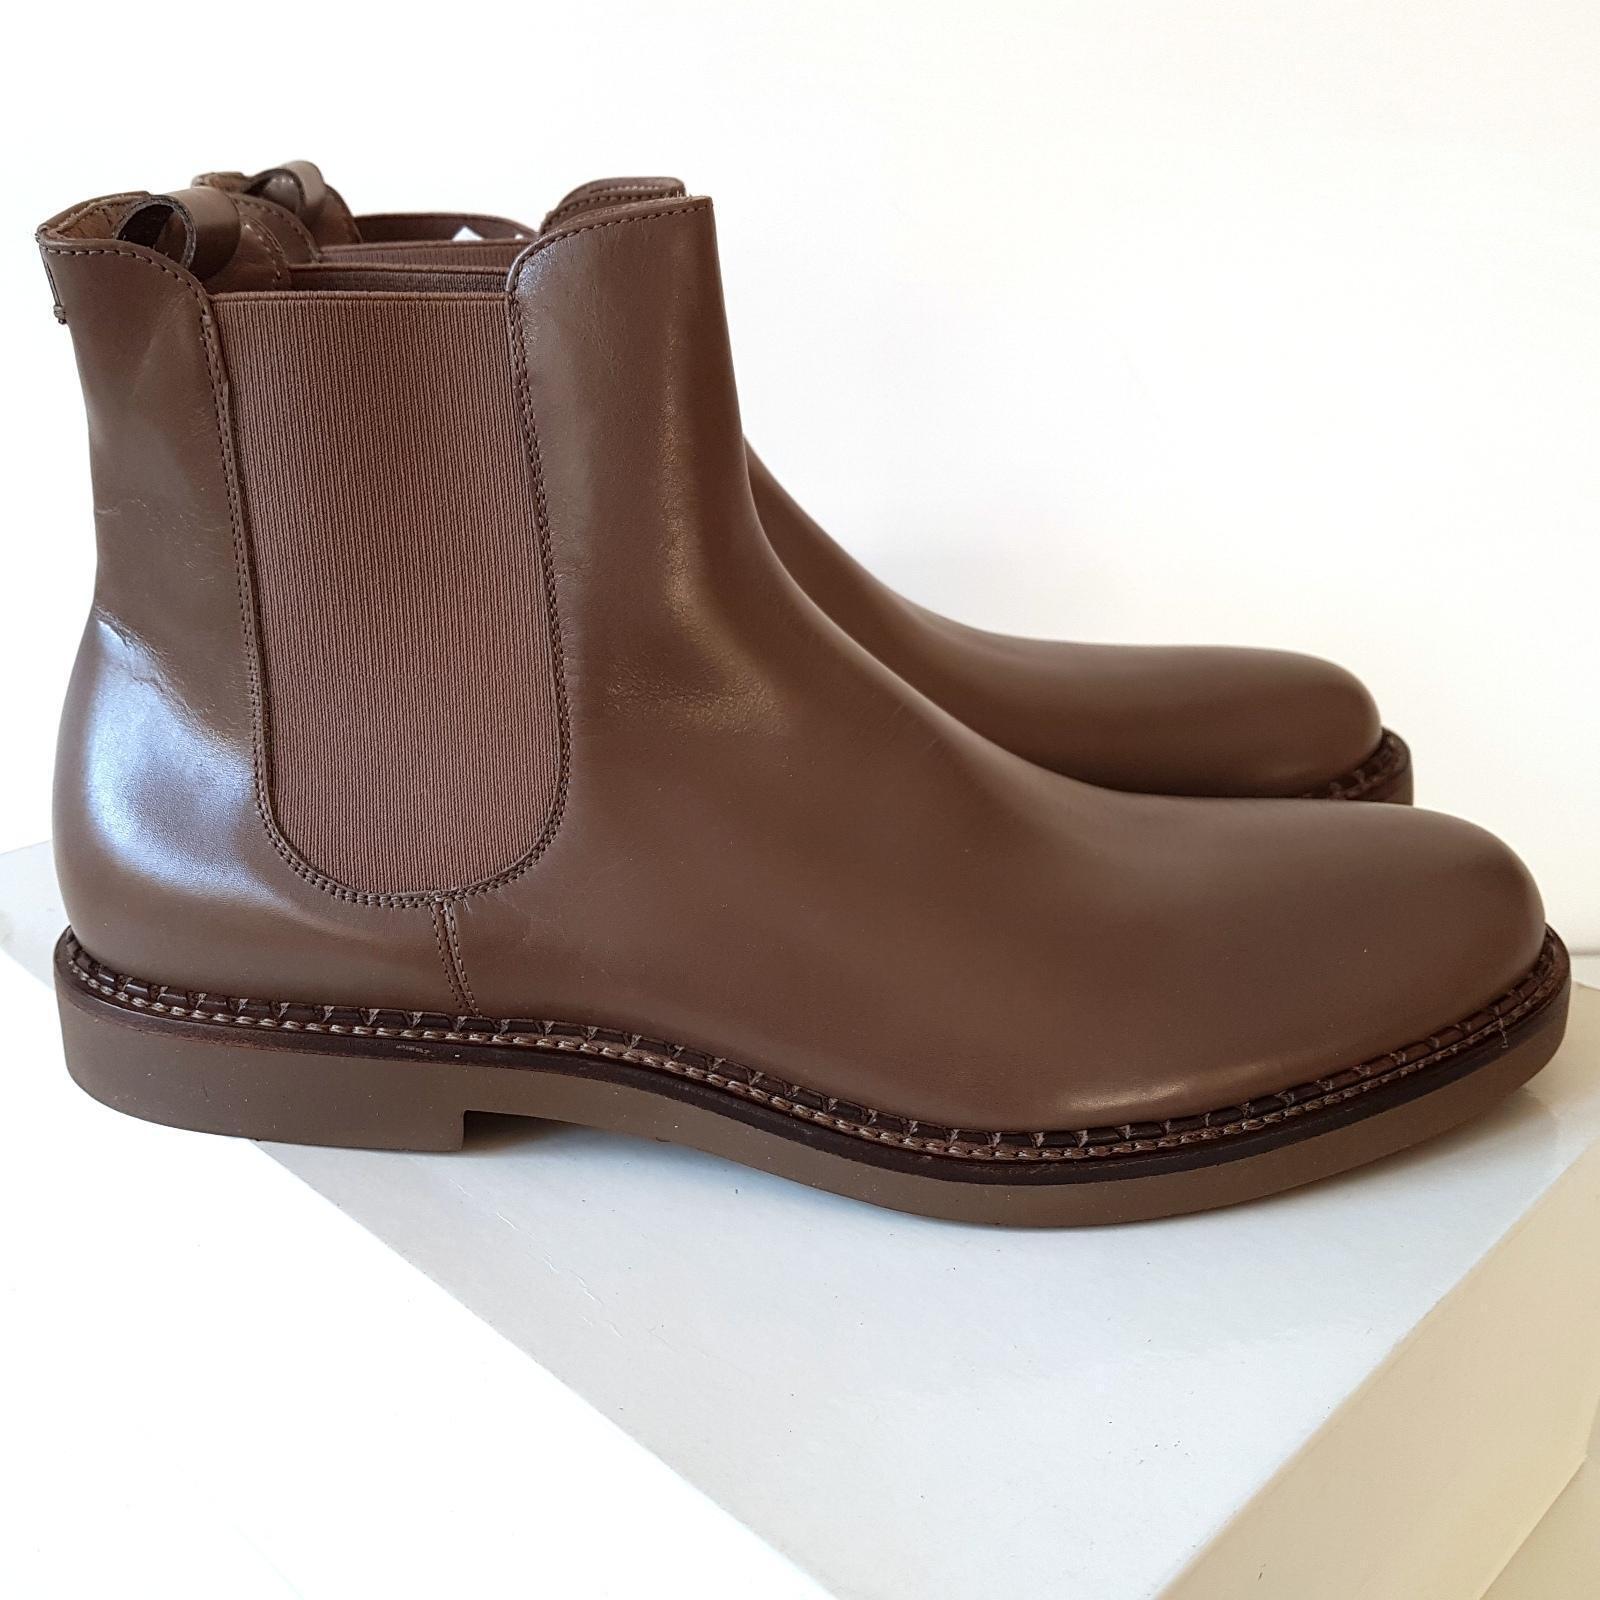 CALVIN KLEIN Collection BEATLES Zapatos tg EU 45 stivaletti Zapatos BEATLES hombre pelle SCONTO 75% c395ee